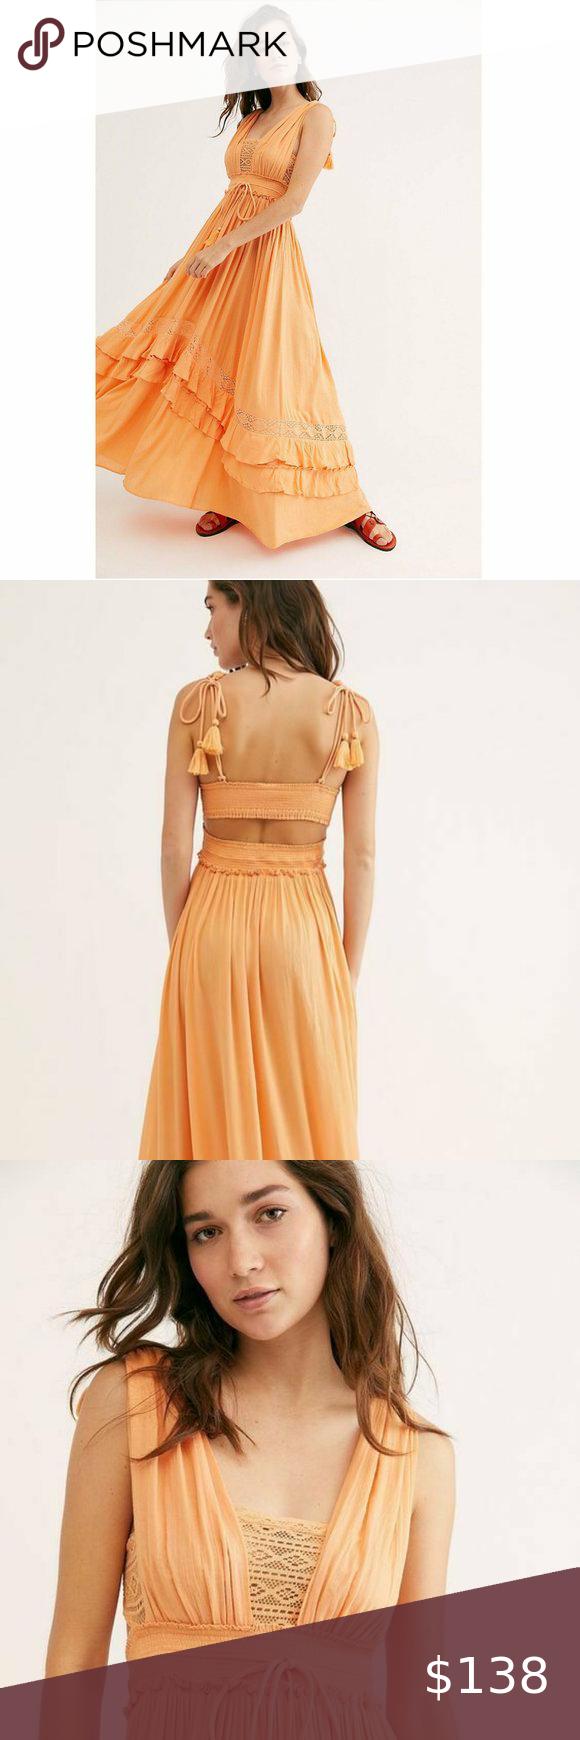 Free People Santa Maria Summer Maxi Dress Xs Summer Maxi Dress Free People Maxi Dress Dresses Xs [ 1740 x 580 Pixel ]